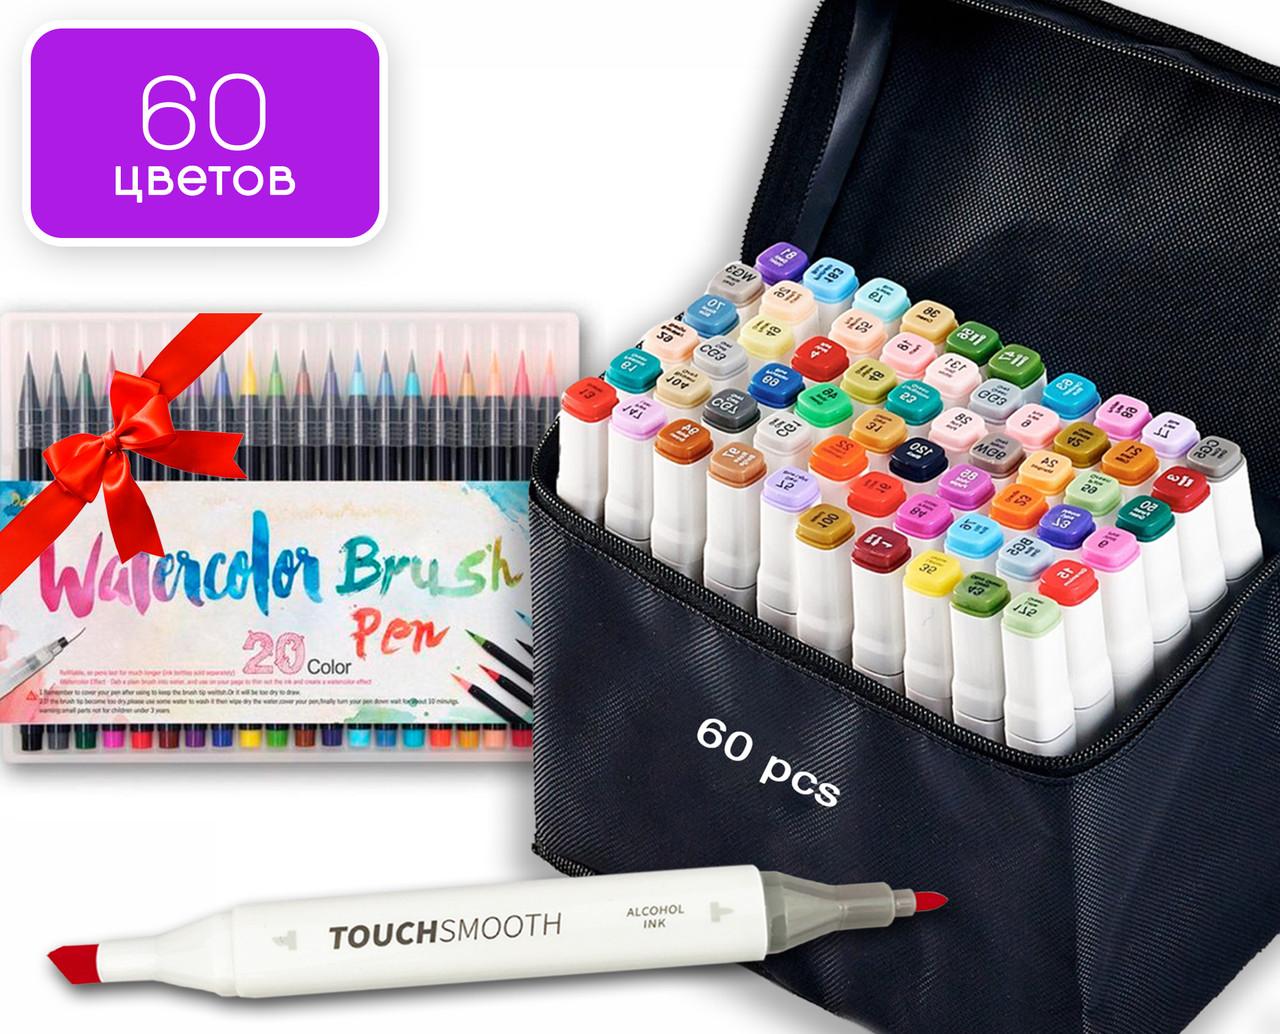 Набір двосторонніх маркерів на спиртовій основі 60 шт touch smooth для скетчинга + 20 шт акварельних маркерів